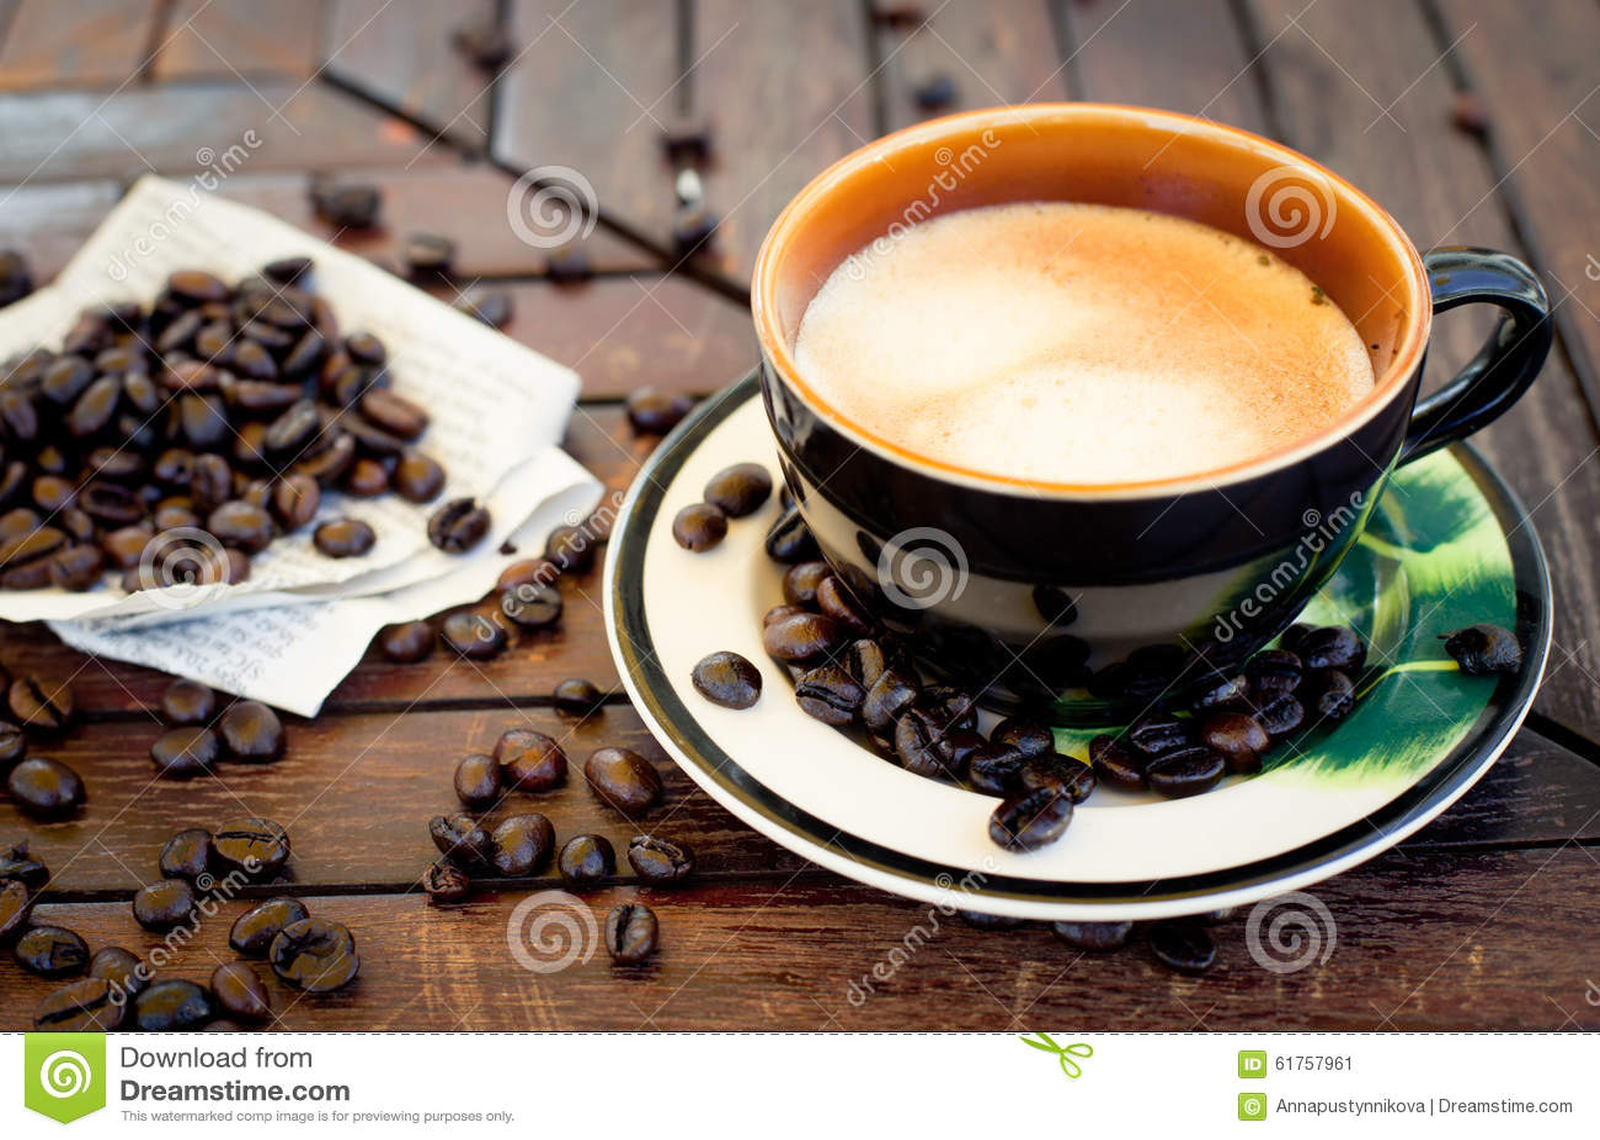 tasse kaffee cappuccino mit bohnen und ein buch stockbild. Black Bedroom Furniture Sets. Home Design Ideas